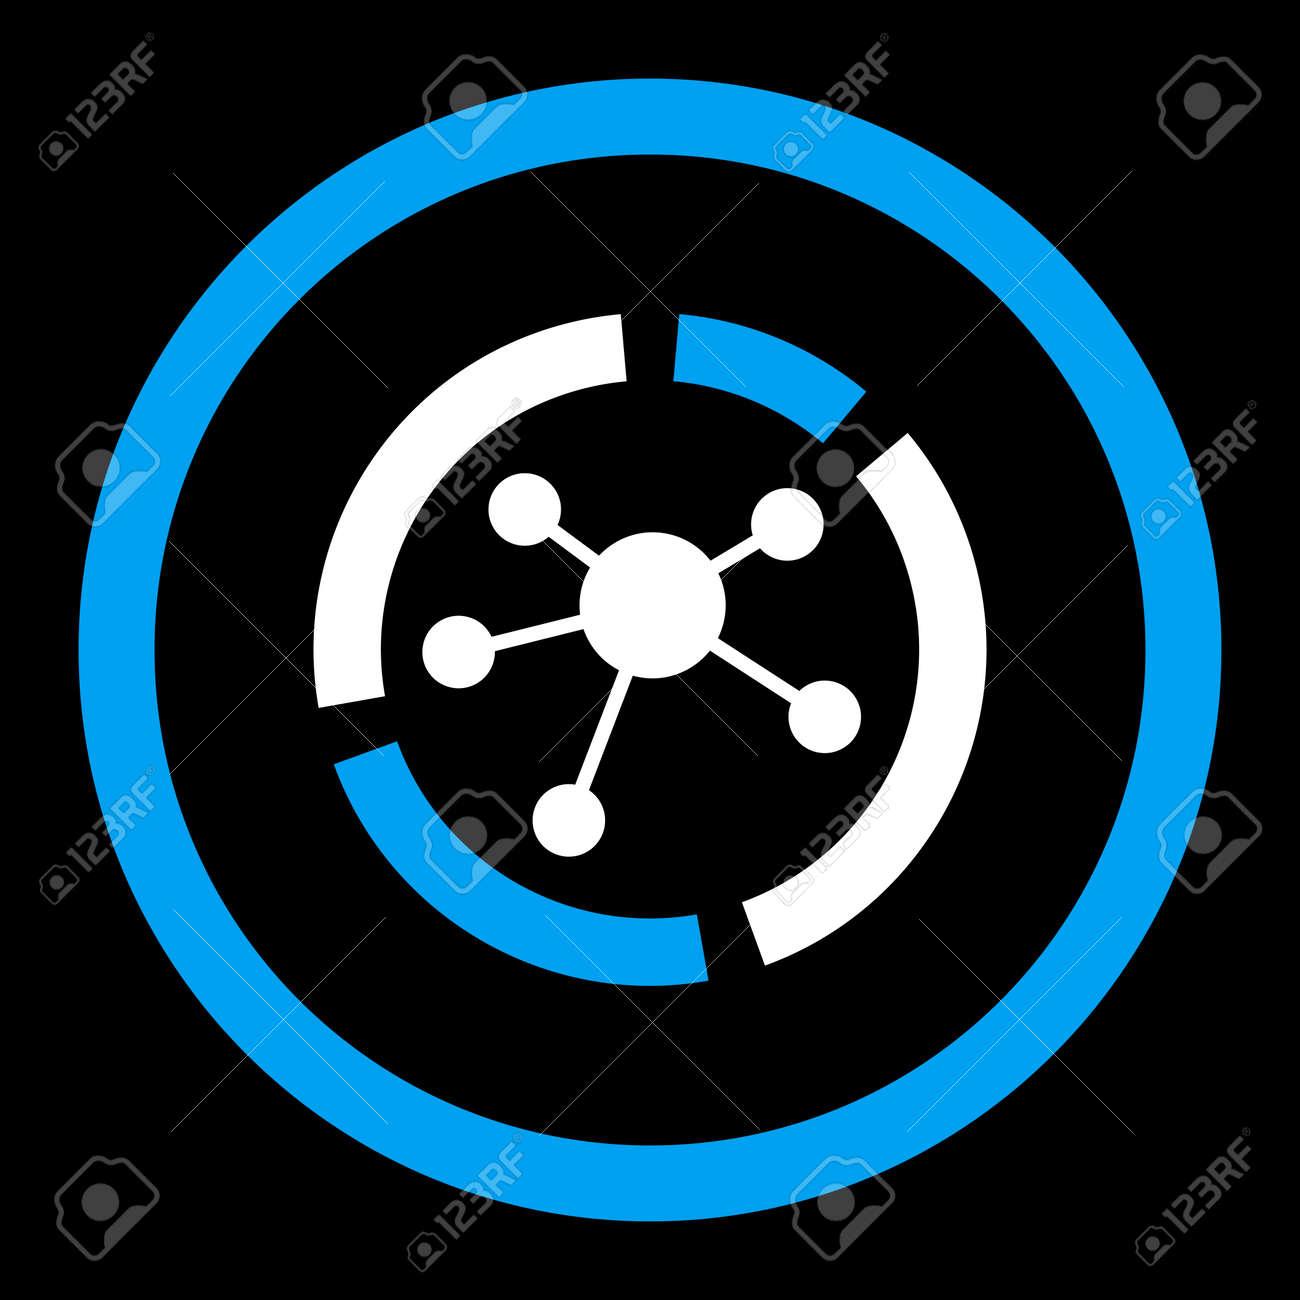 Verbindungsdiagramm-Glyphikone. Dieses Abgerundete Flache Symbol ...